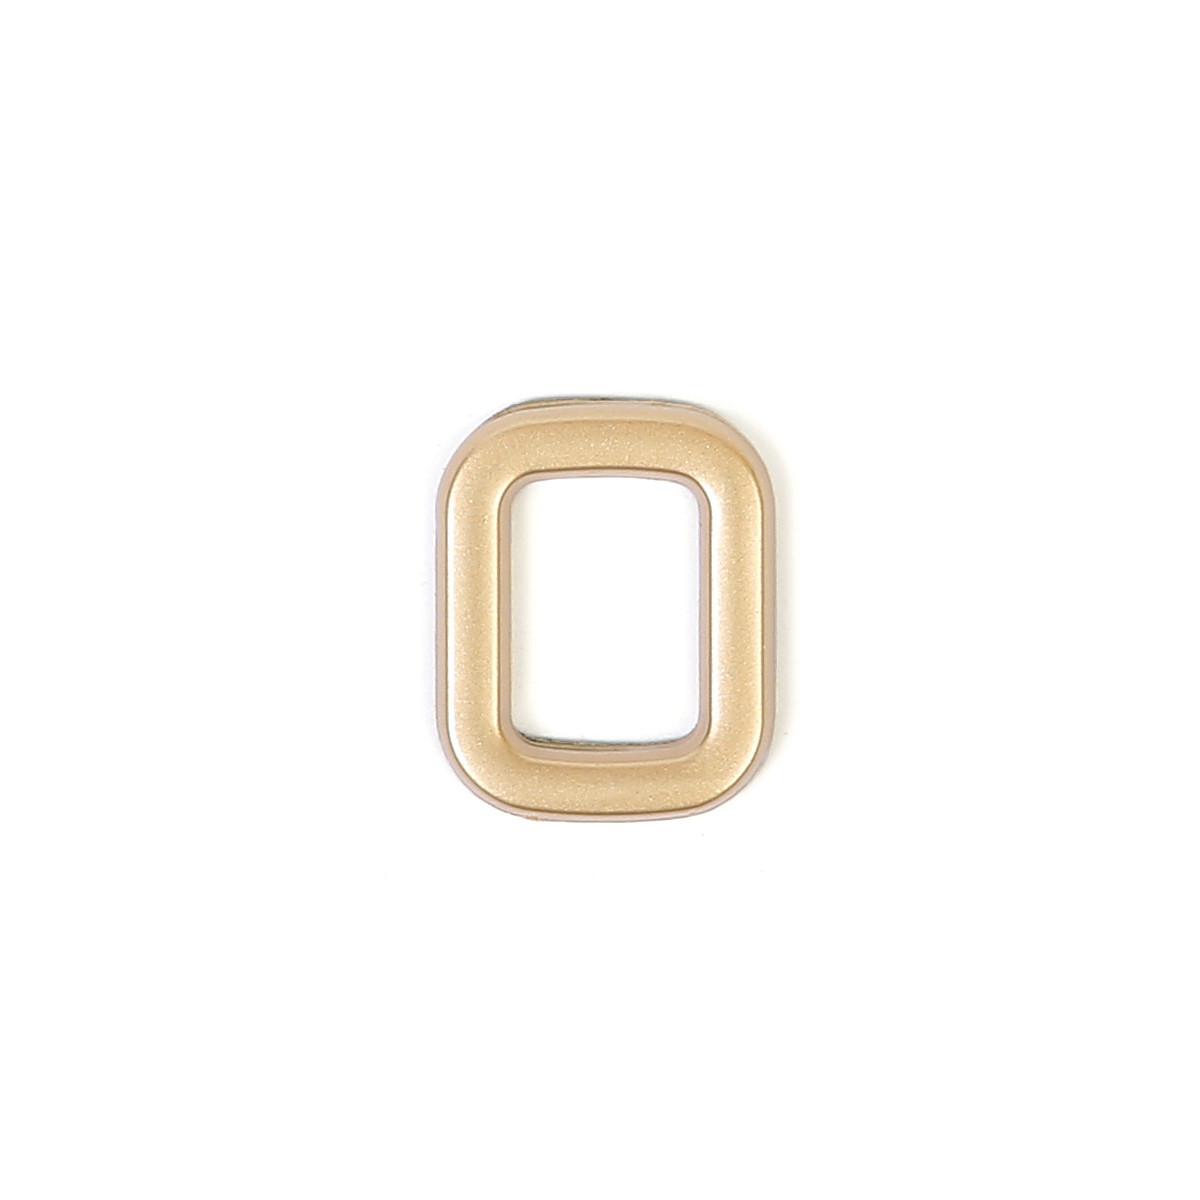 Номер пластиковый на дверь Larvij цифра 0 матовое золото (LNP4MG#0)